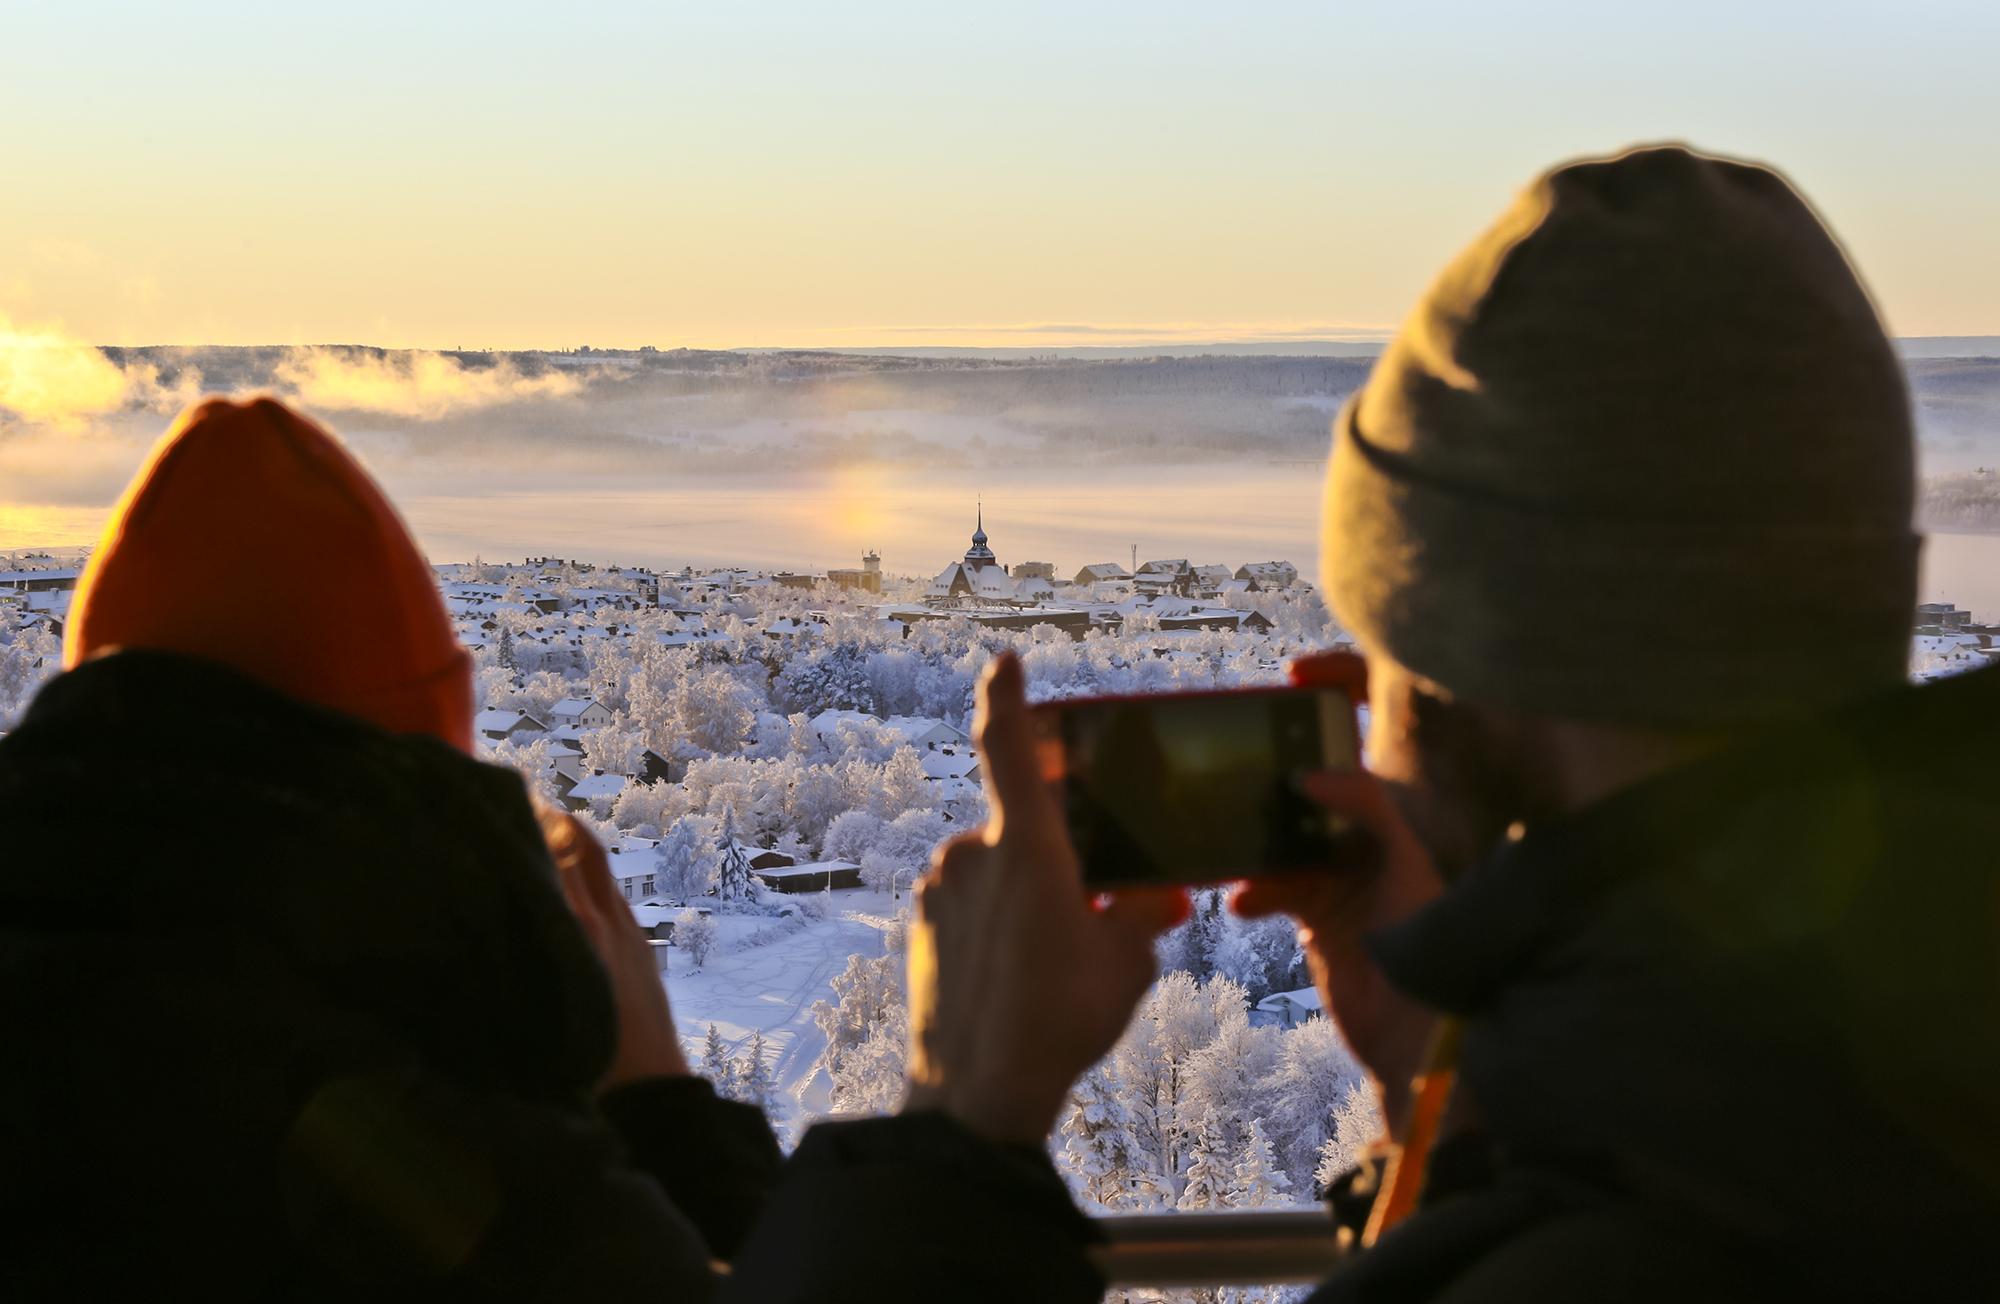 Vinterfotografer- Foto Roger Strandberg.jpg